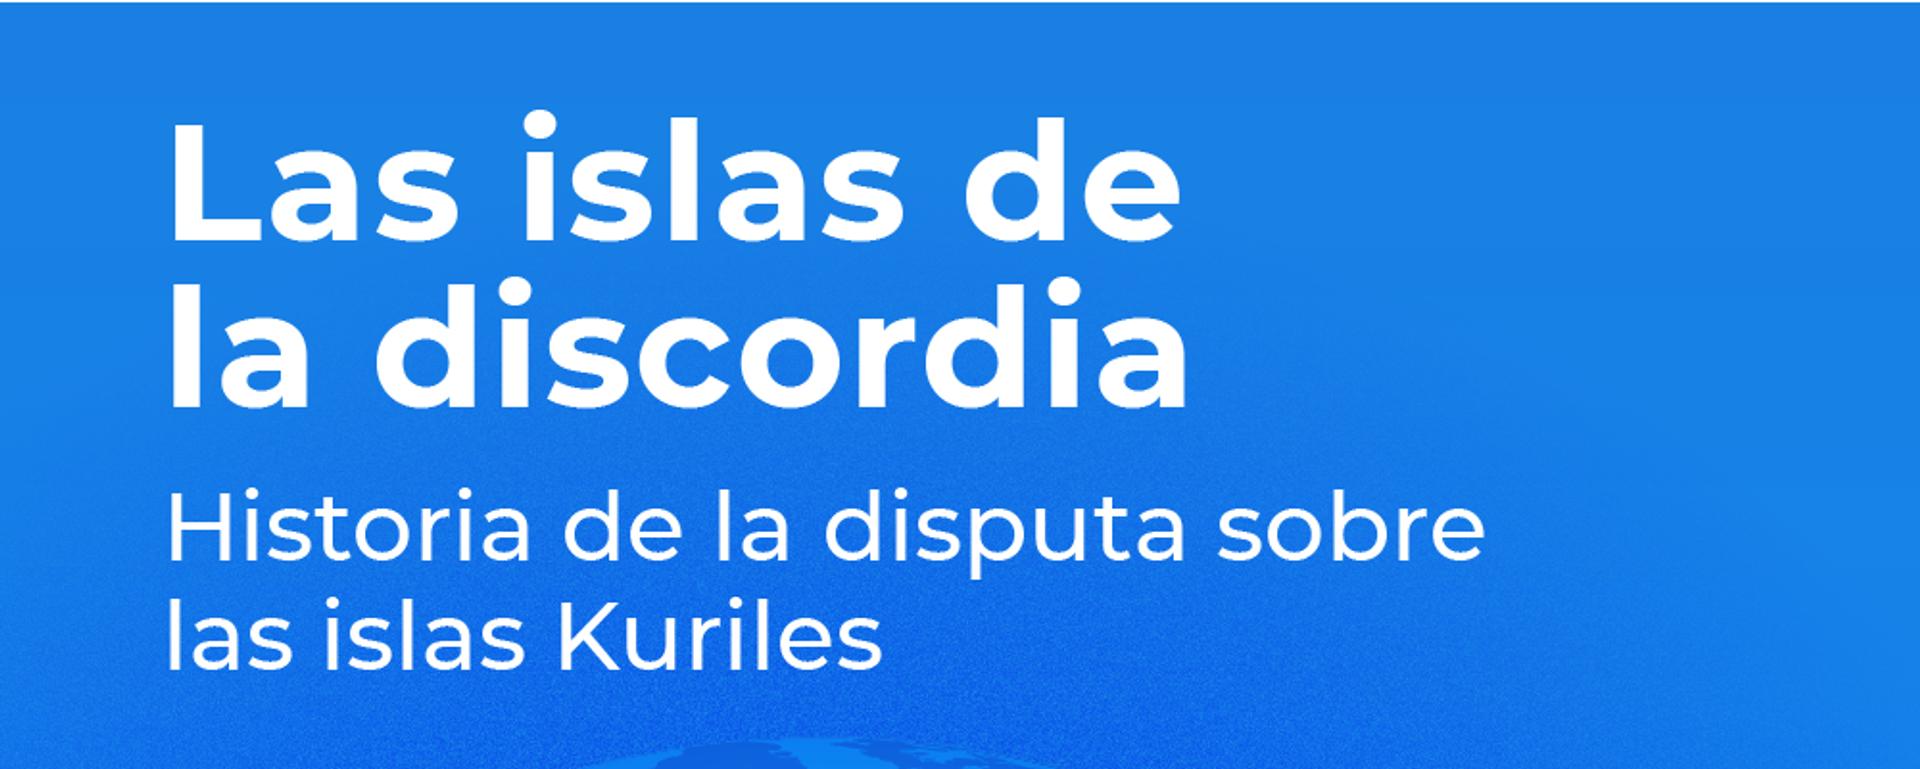 Las islas de la discordia - Sputnik Mundo, 1920, 15.02.2019